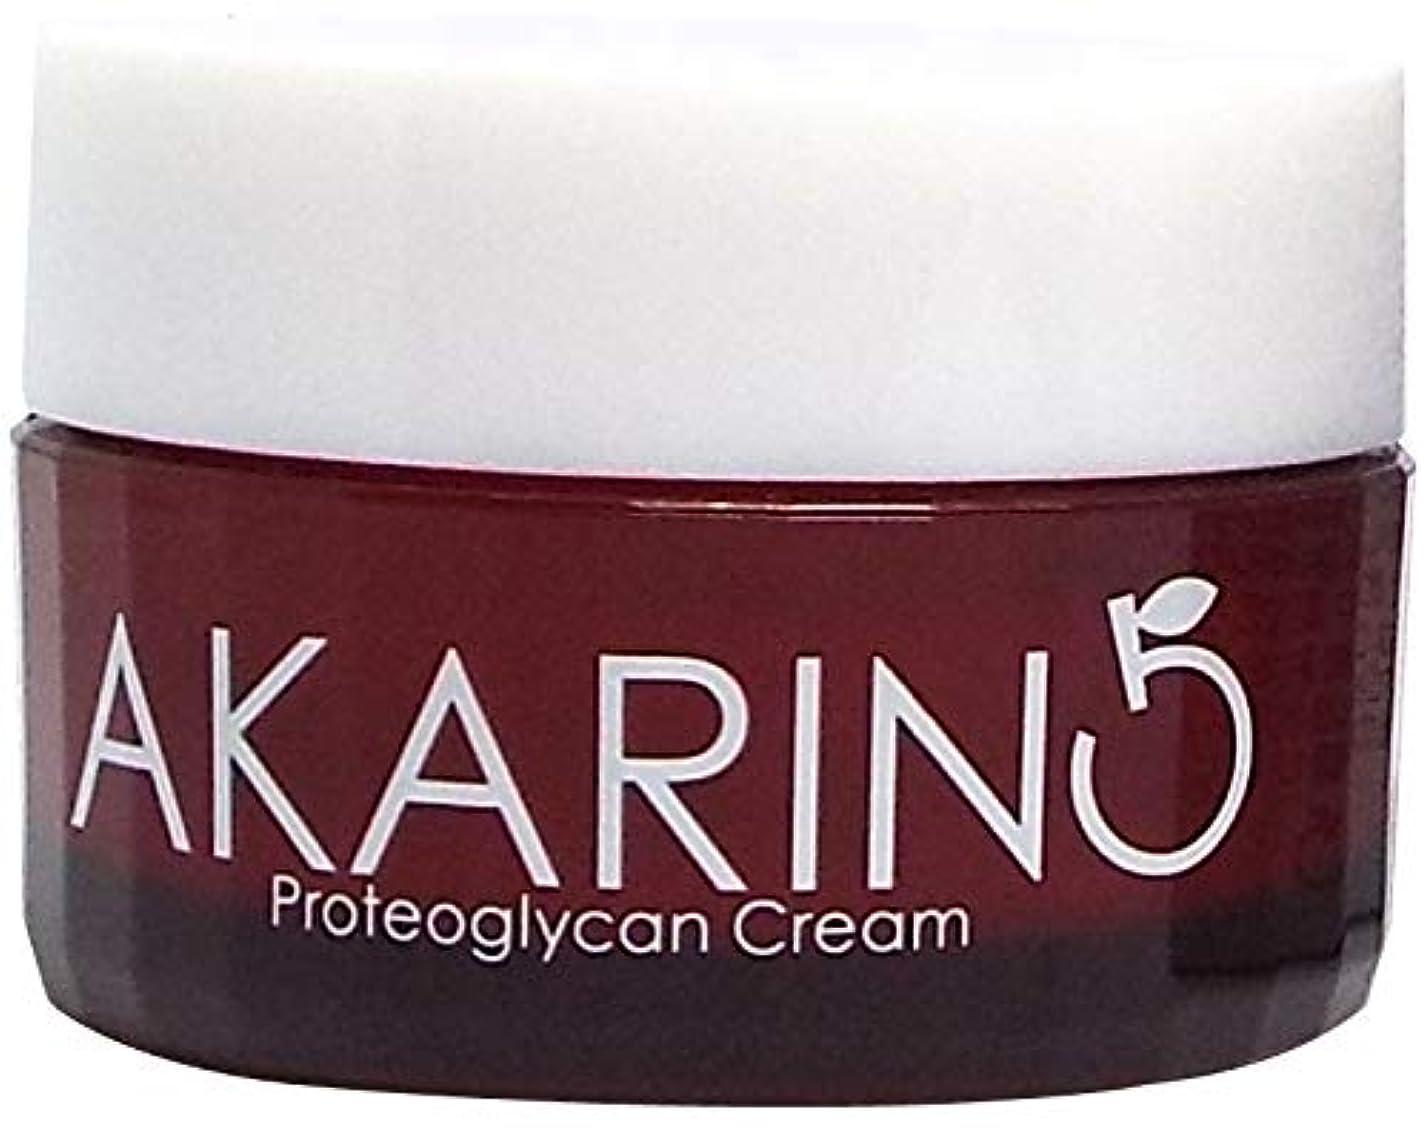 同意する突っ込む拒絶プロテオグリカン配合フェイスクリーム 30g AKARIN5